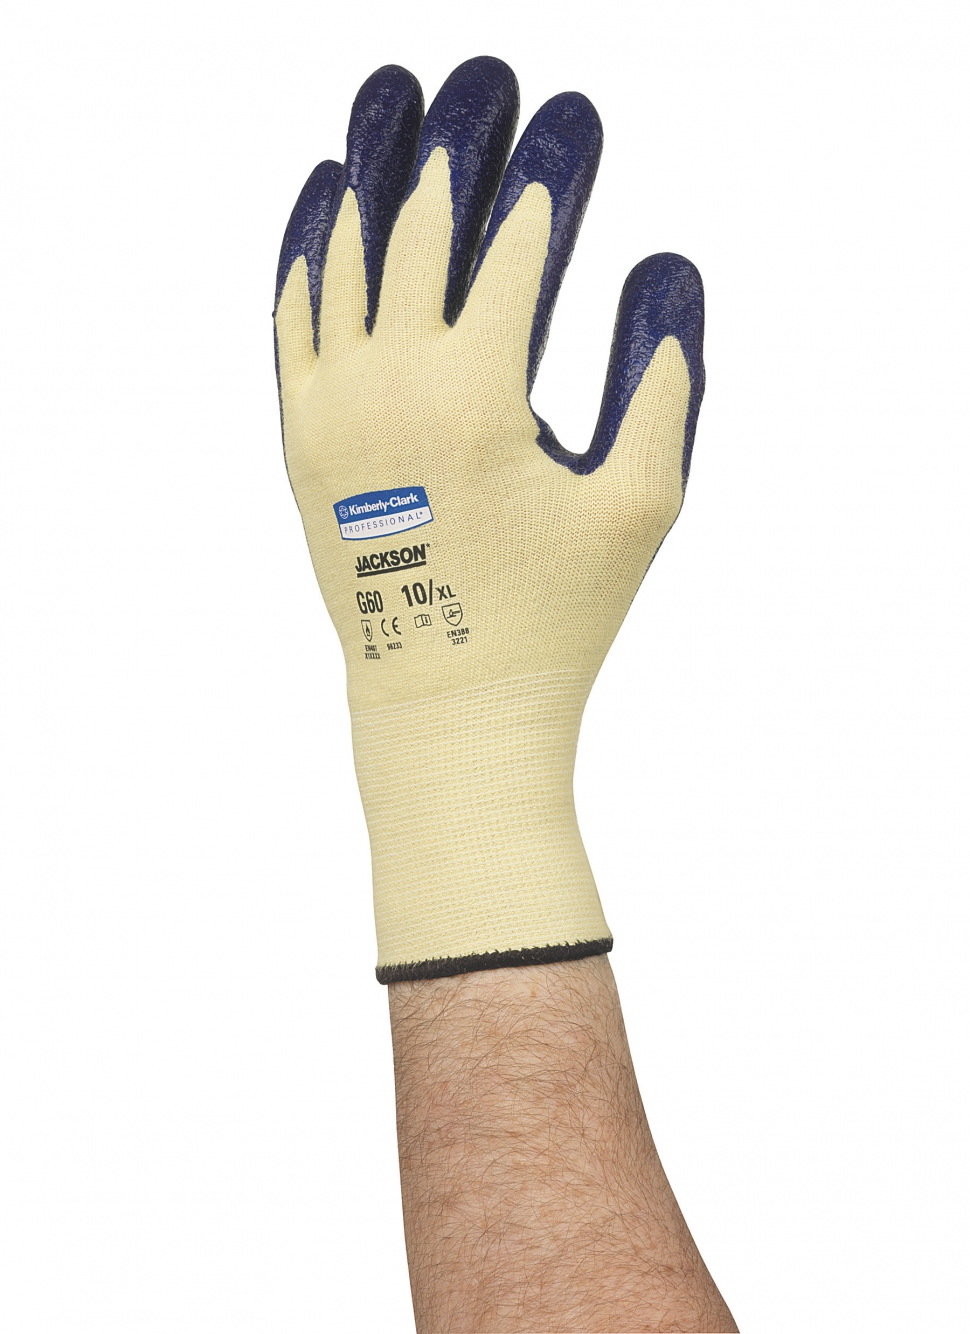 Супер распродажа!Ваши руки под надежной защитой!!!Всего 35р за нереально крутые перчатки для дачников и рабочих!Не боятся растворителей!В рознице в 4 раза дороже!9 Новинка перчатки для стекла!